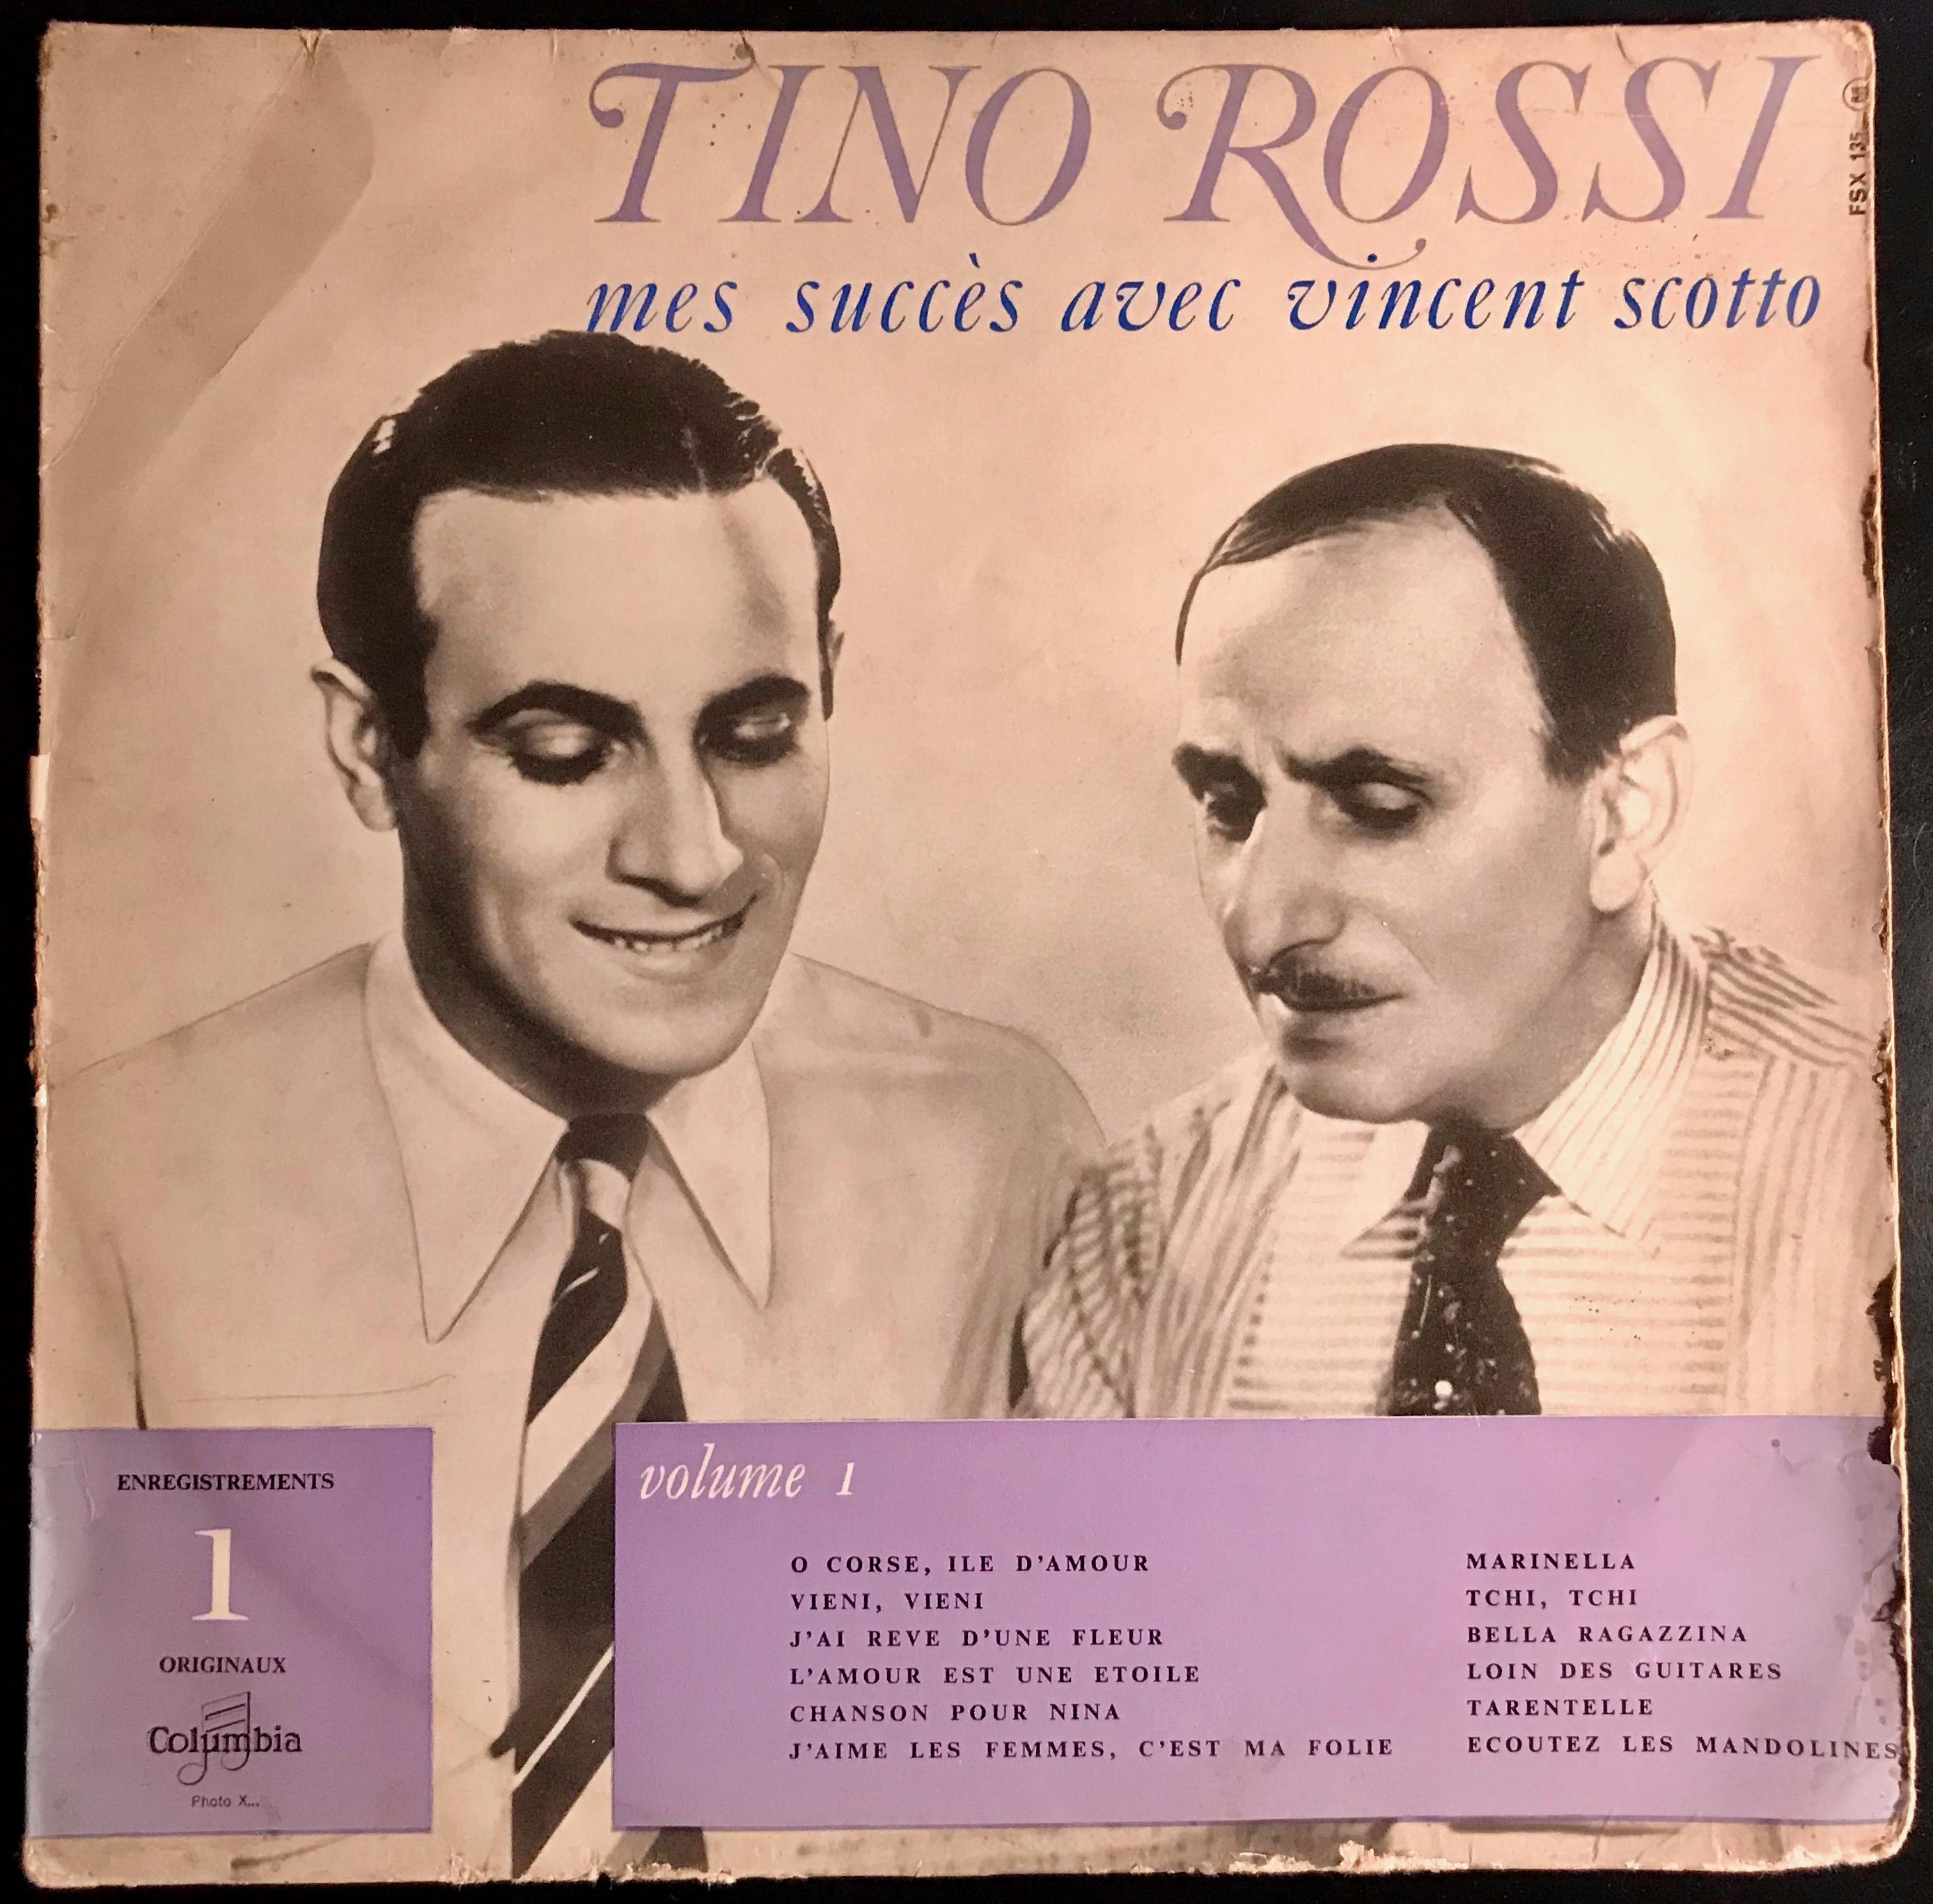 Disque vinyle Tino Rossi